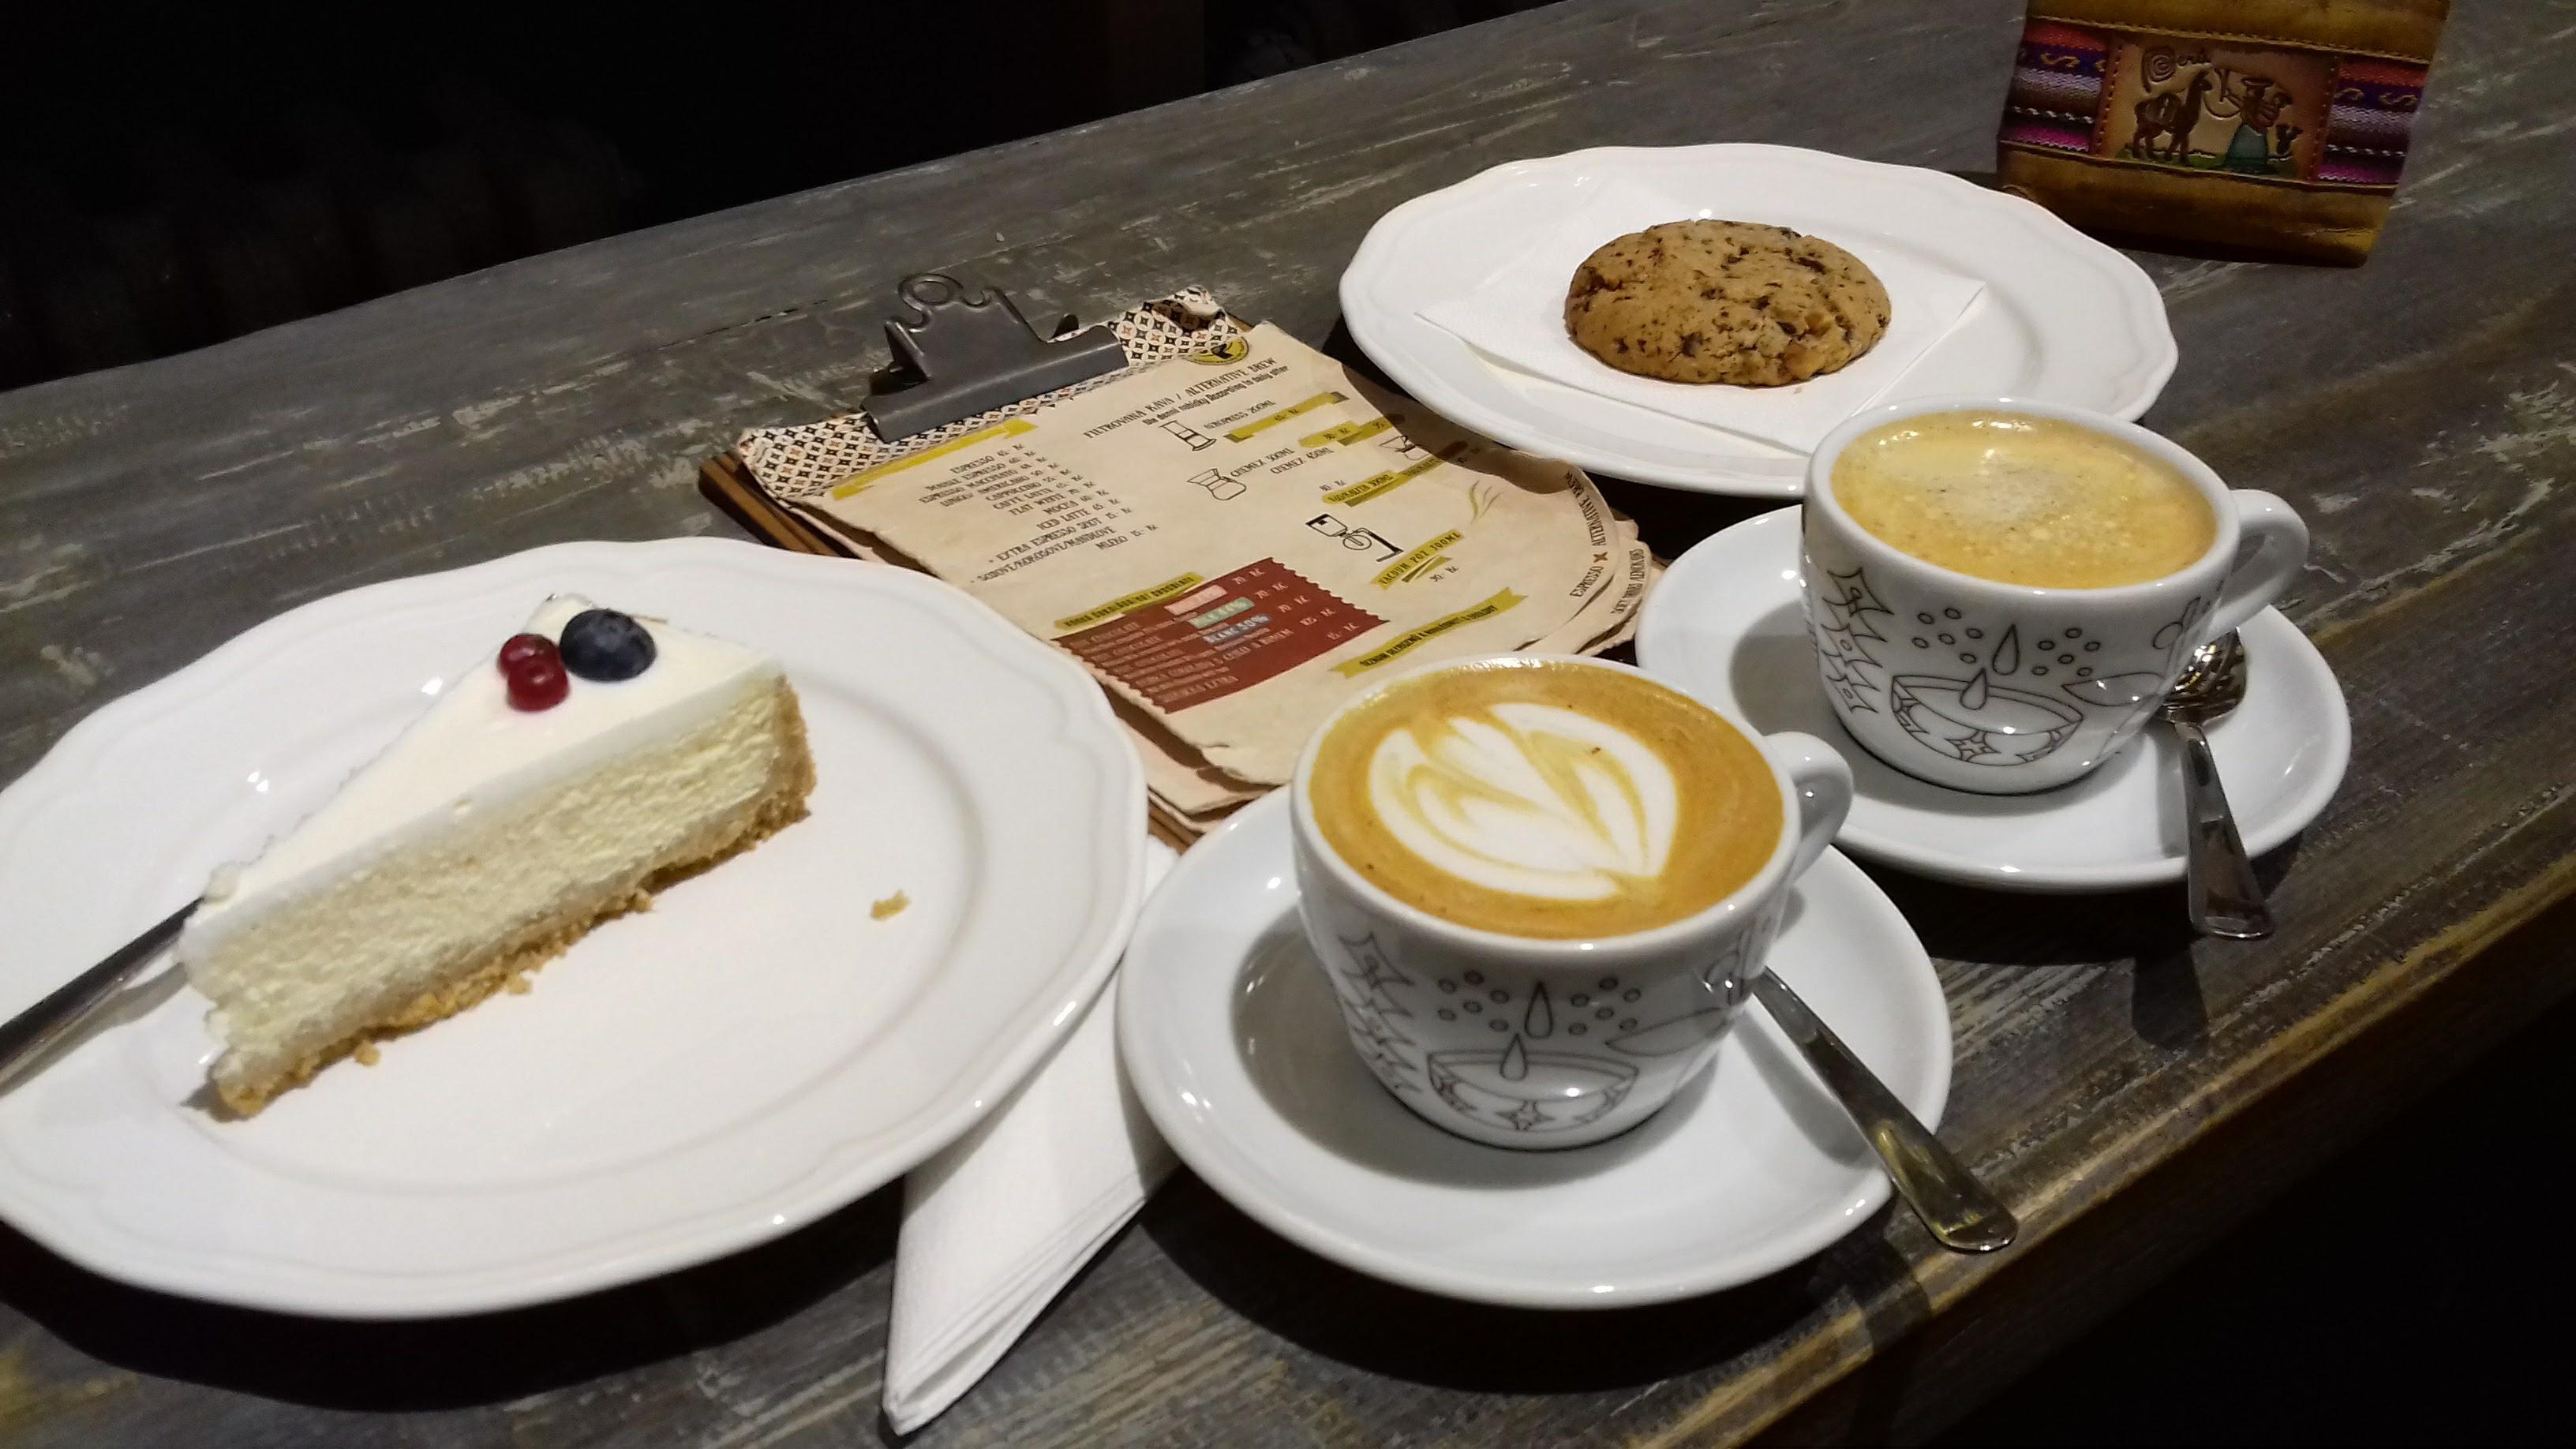 We love coffee (and chocolate)